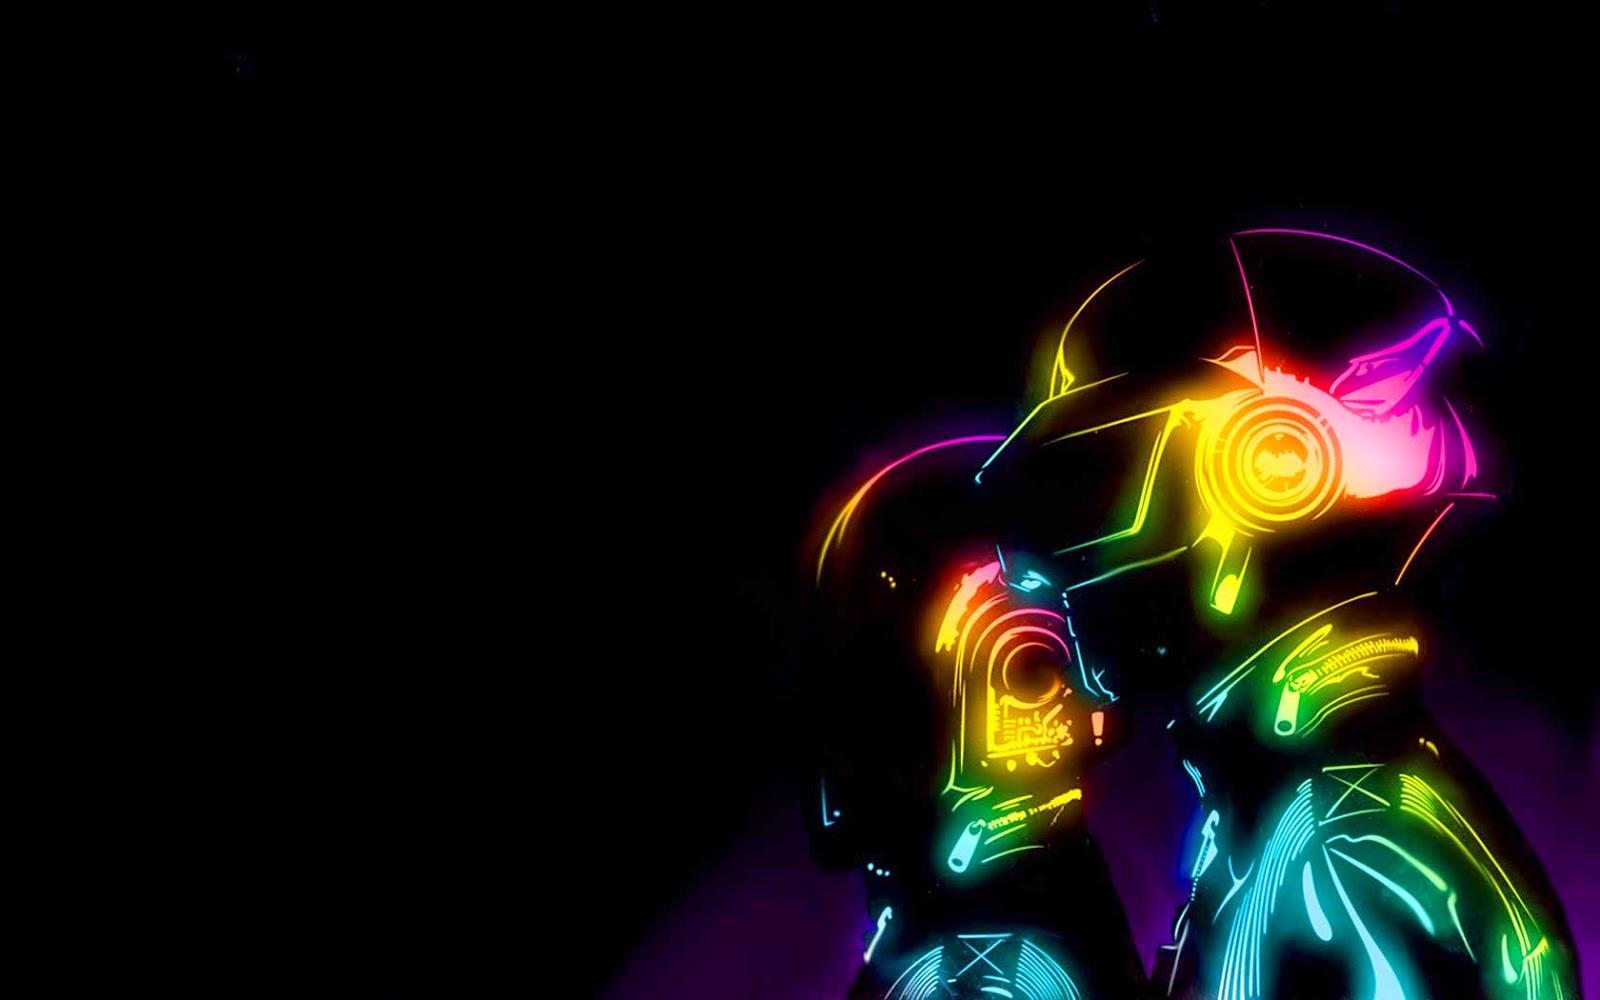 El olivo musical la m sica electr nica for Imagenes geniales para fondo de pantalla